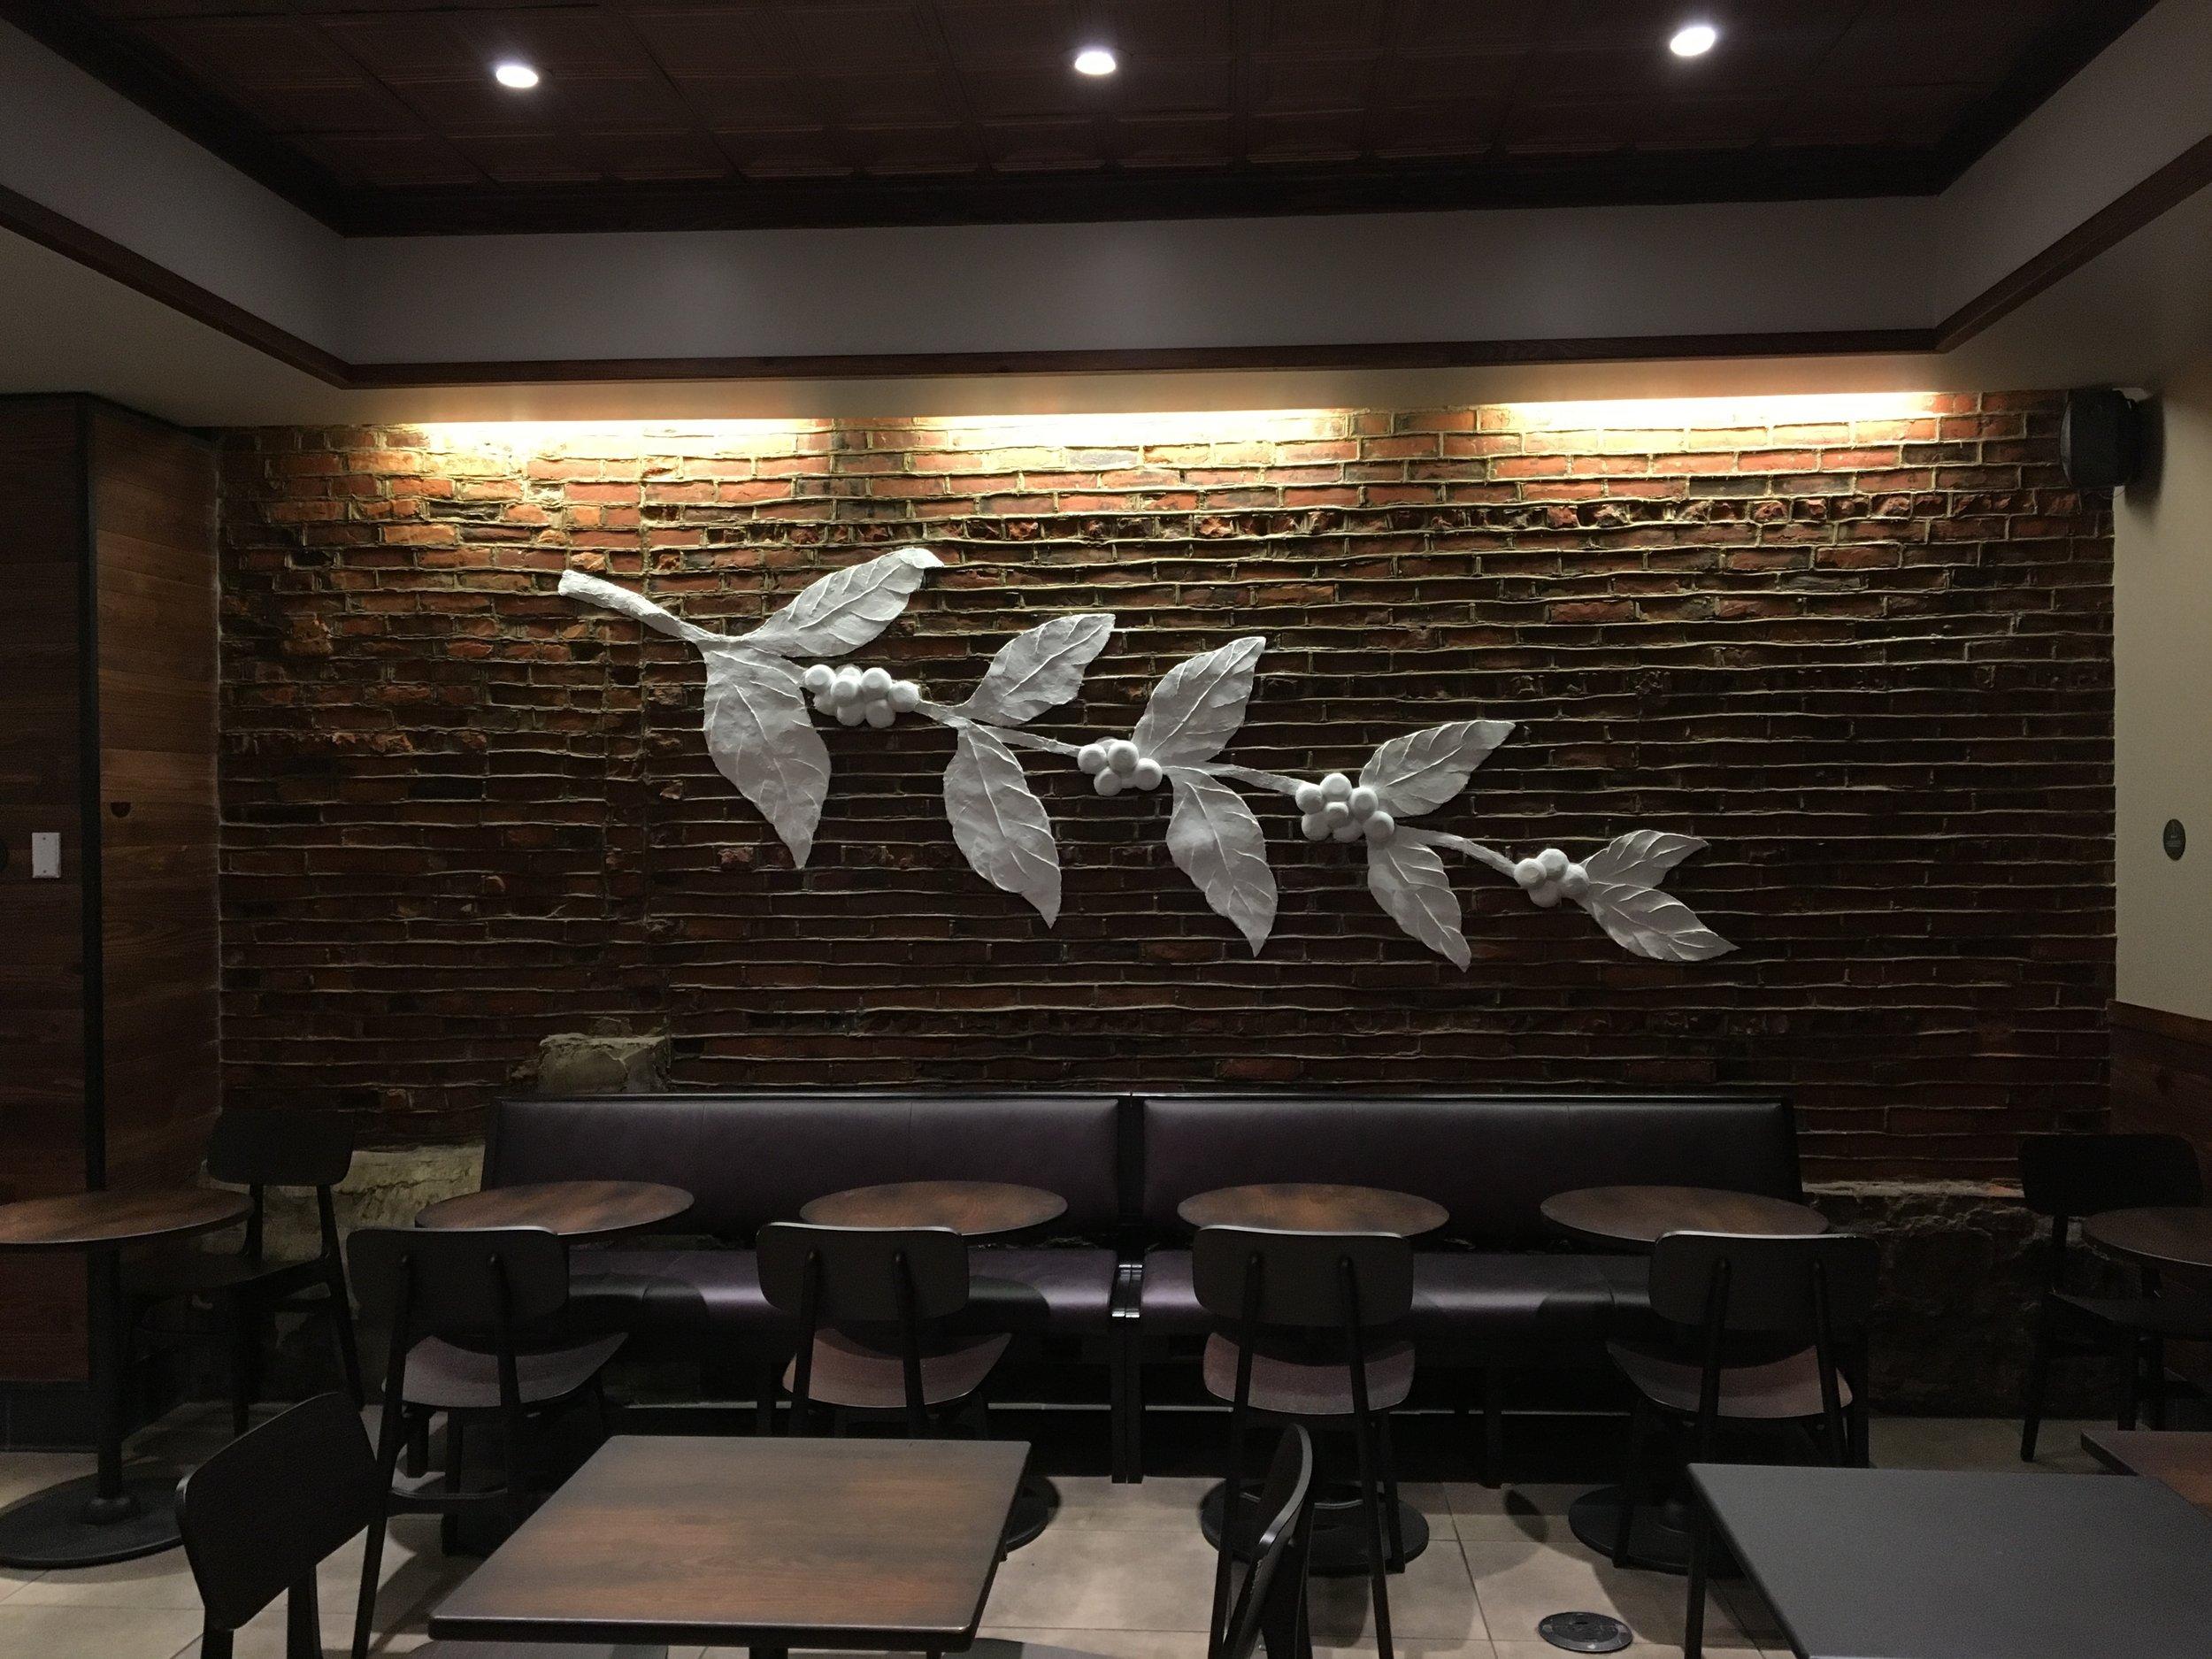 Starbucks - Philadelphia - Plaster Relief